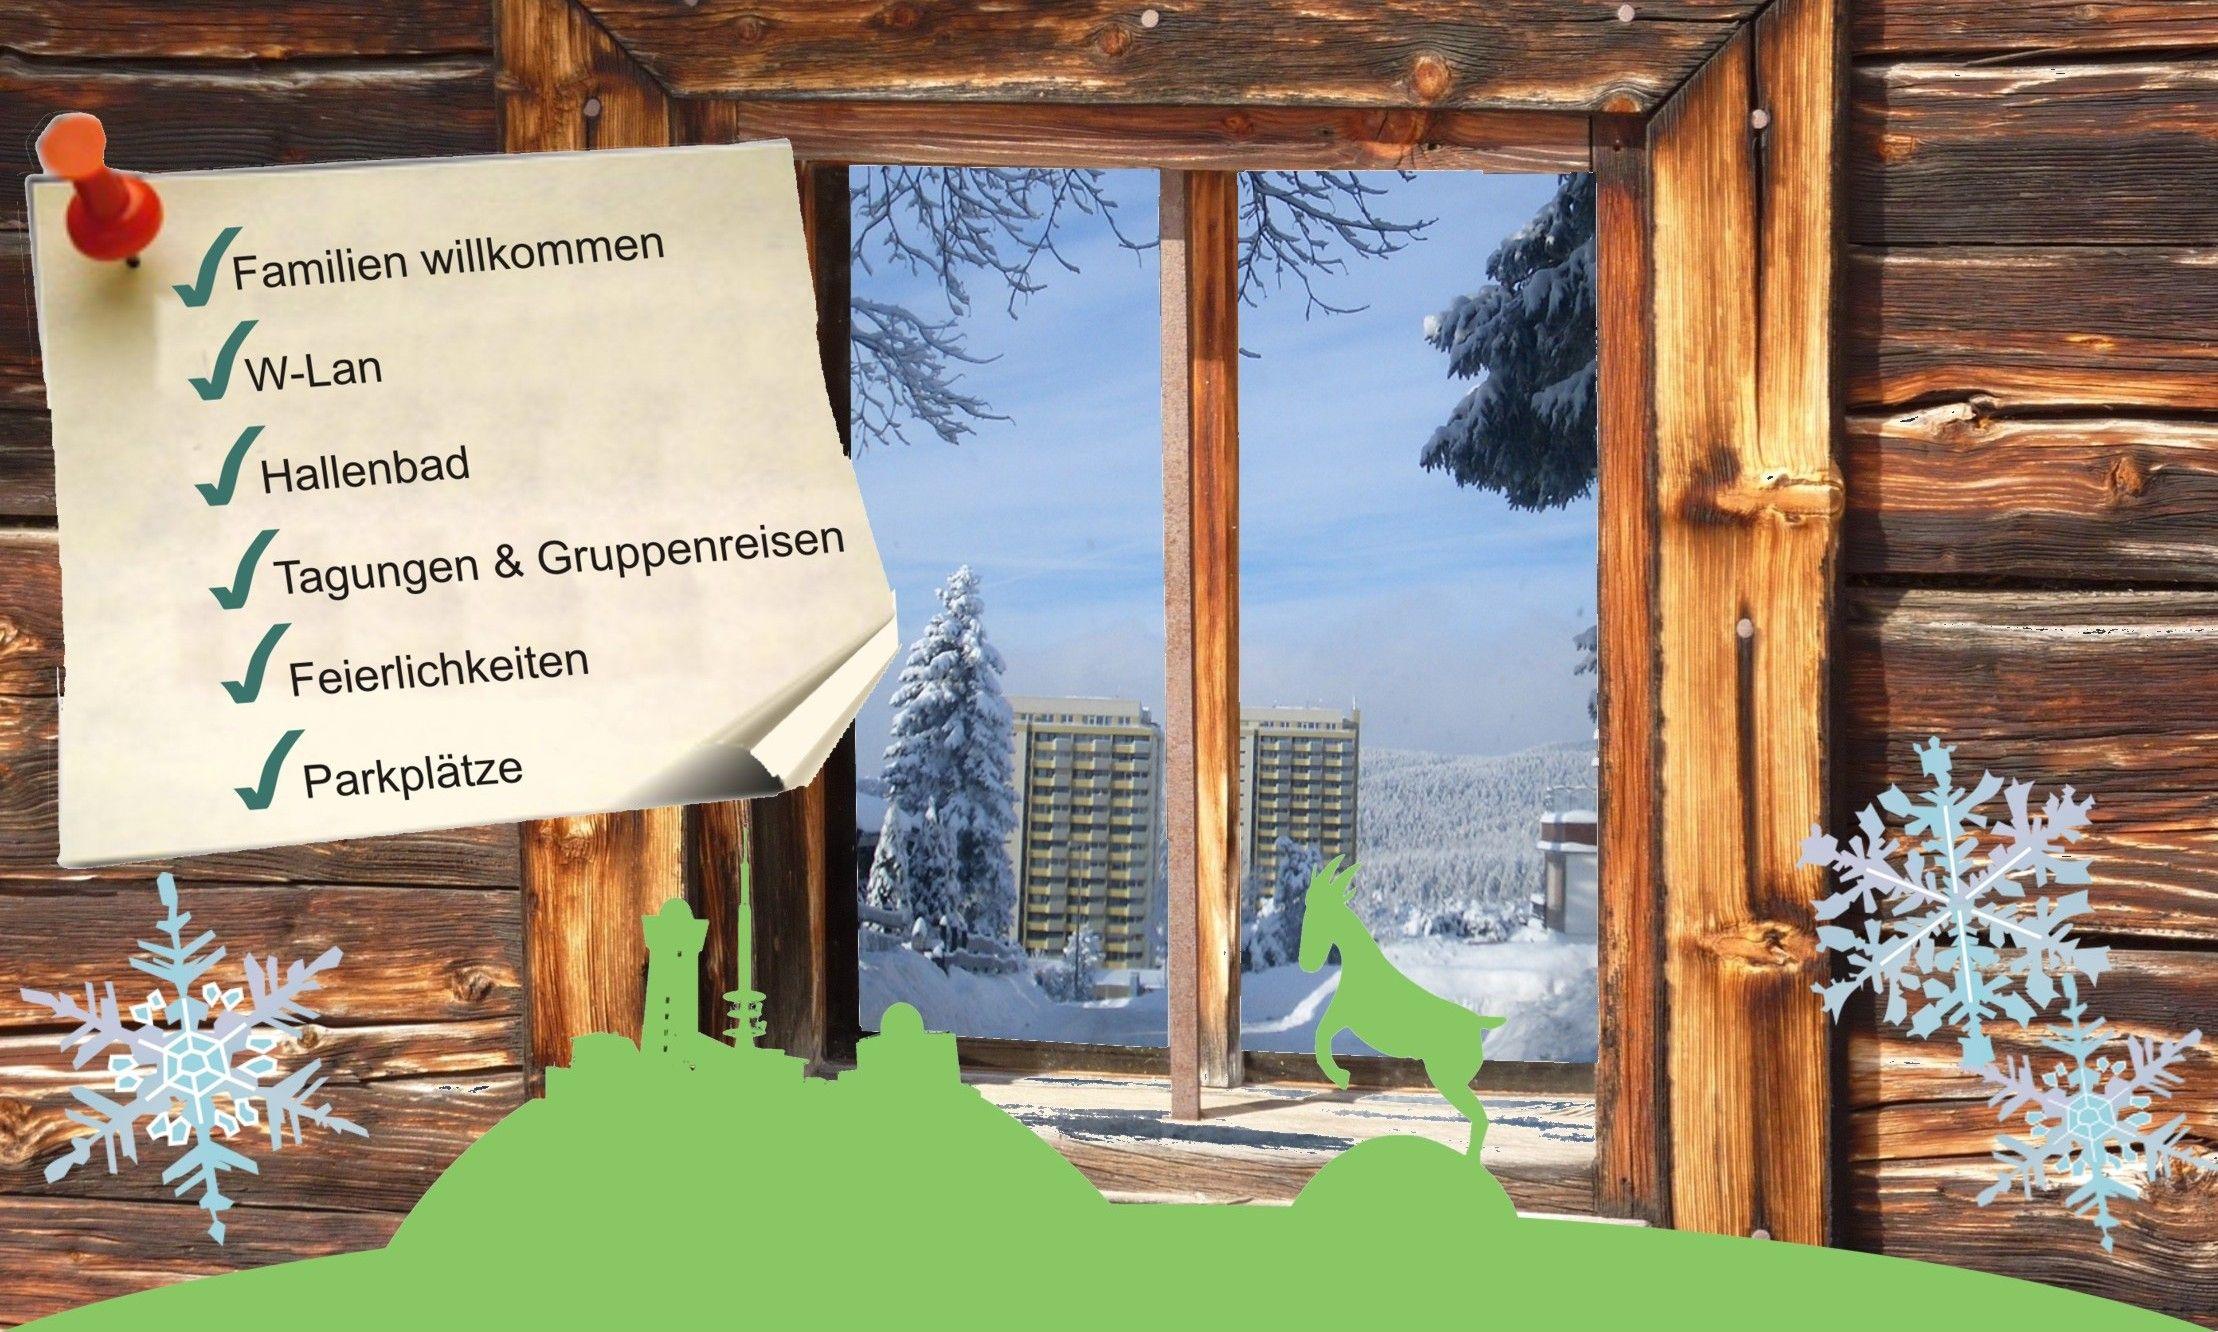 Ferienwohnungen in Braunlage Hohegeiß Harz in großer Ferienanlage für Personen mit Schwimmbad